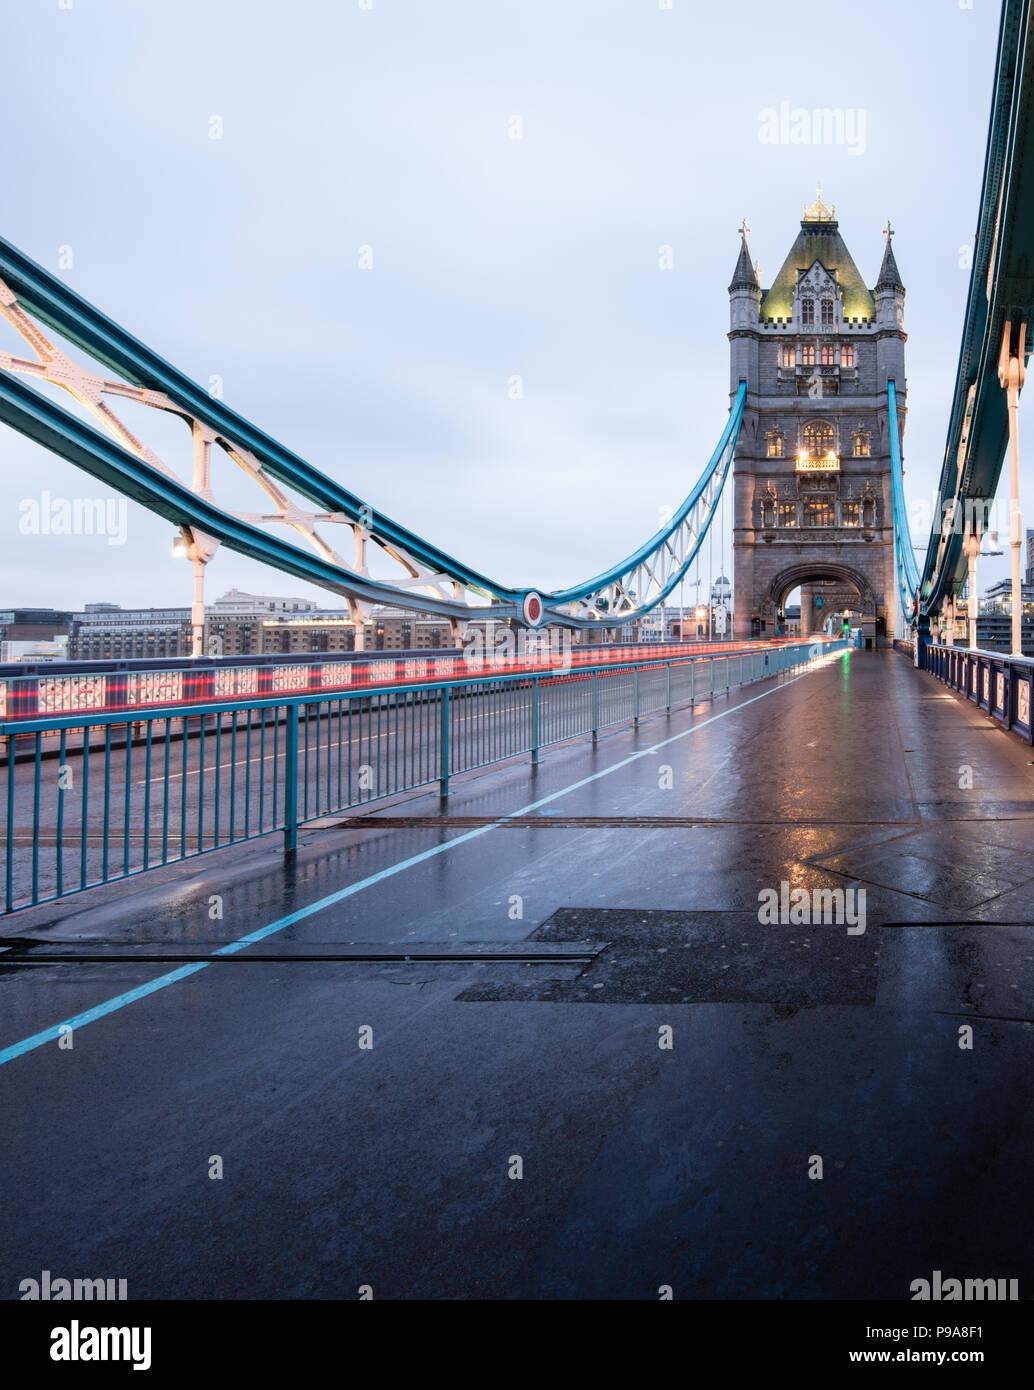 Tôt le matin vue portrait de Tower Bridge, Londres, sur une morne journée humide, et avec légèreté de la circulation Photo Stock